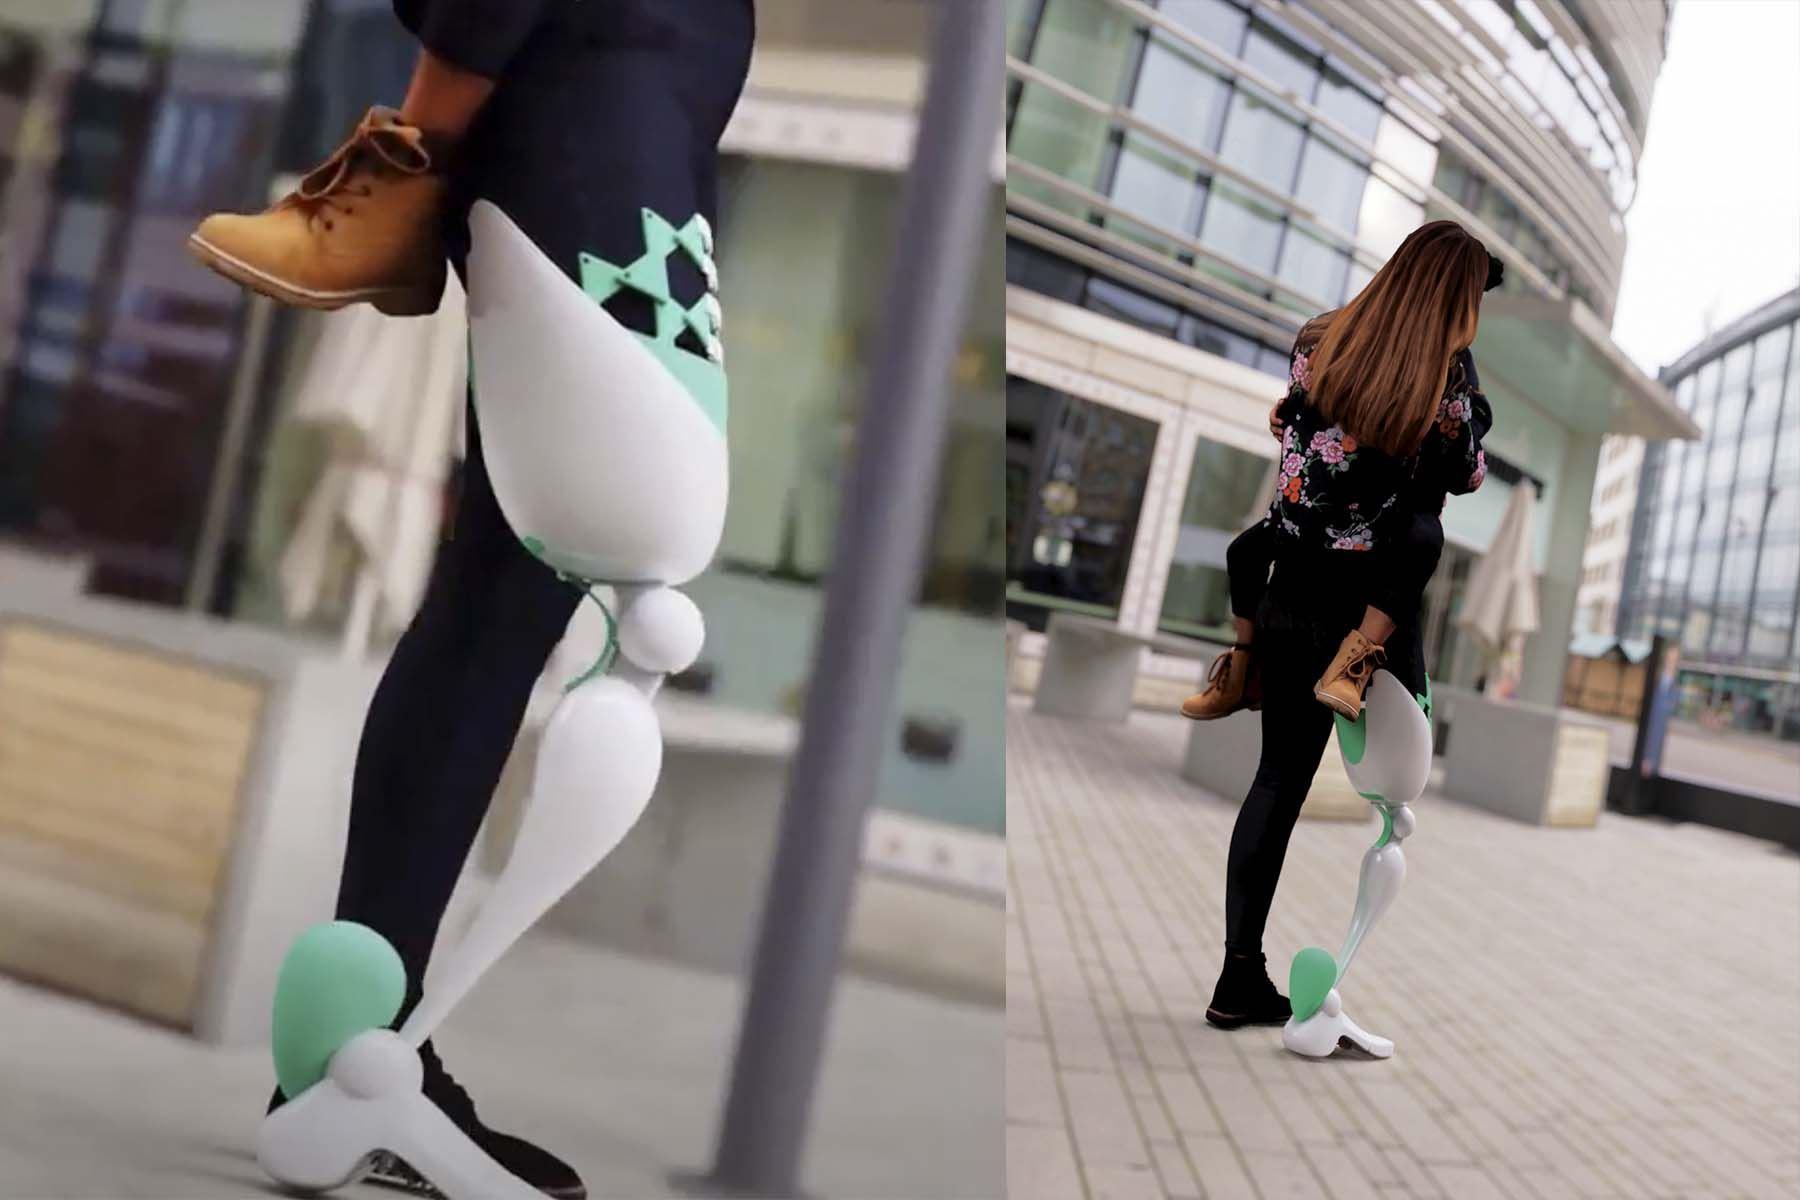 Colibrí inspira a inventores peruanos para diseñar prótesis mecánica ergonómica